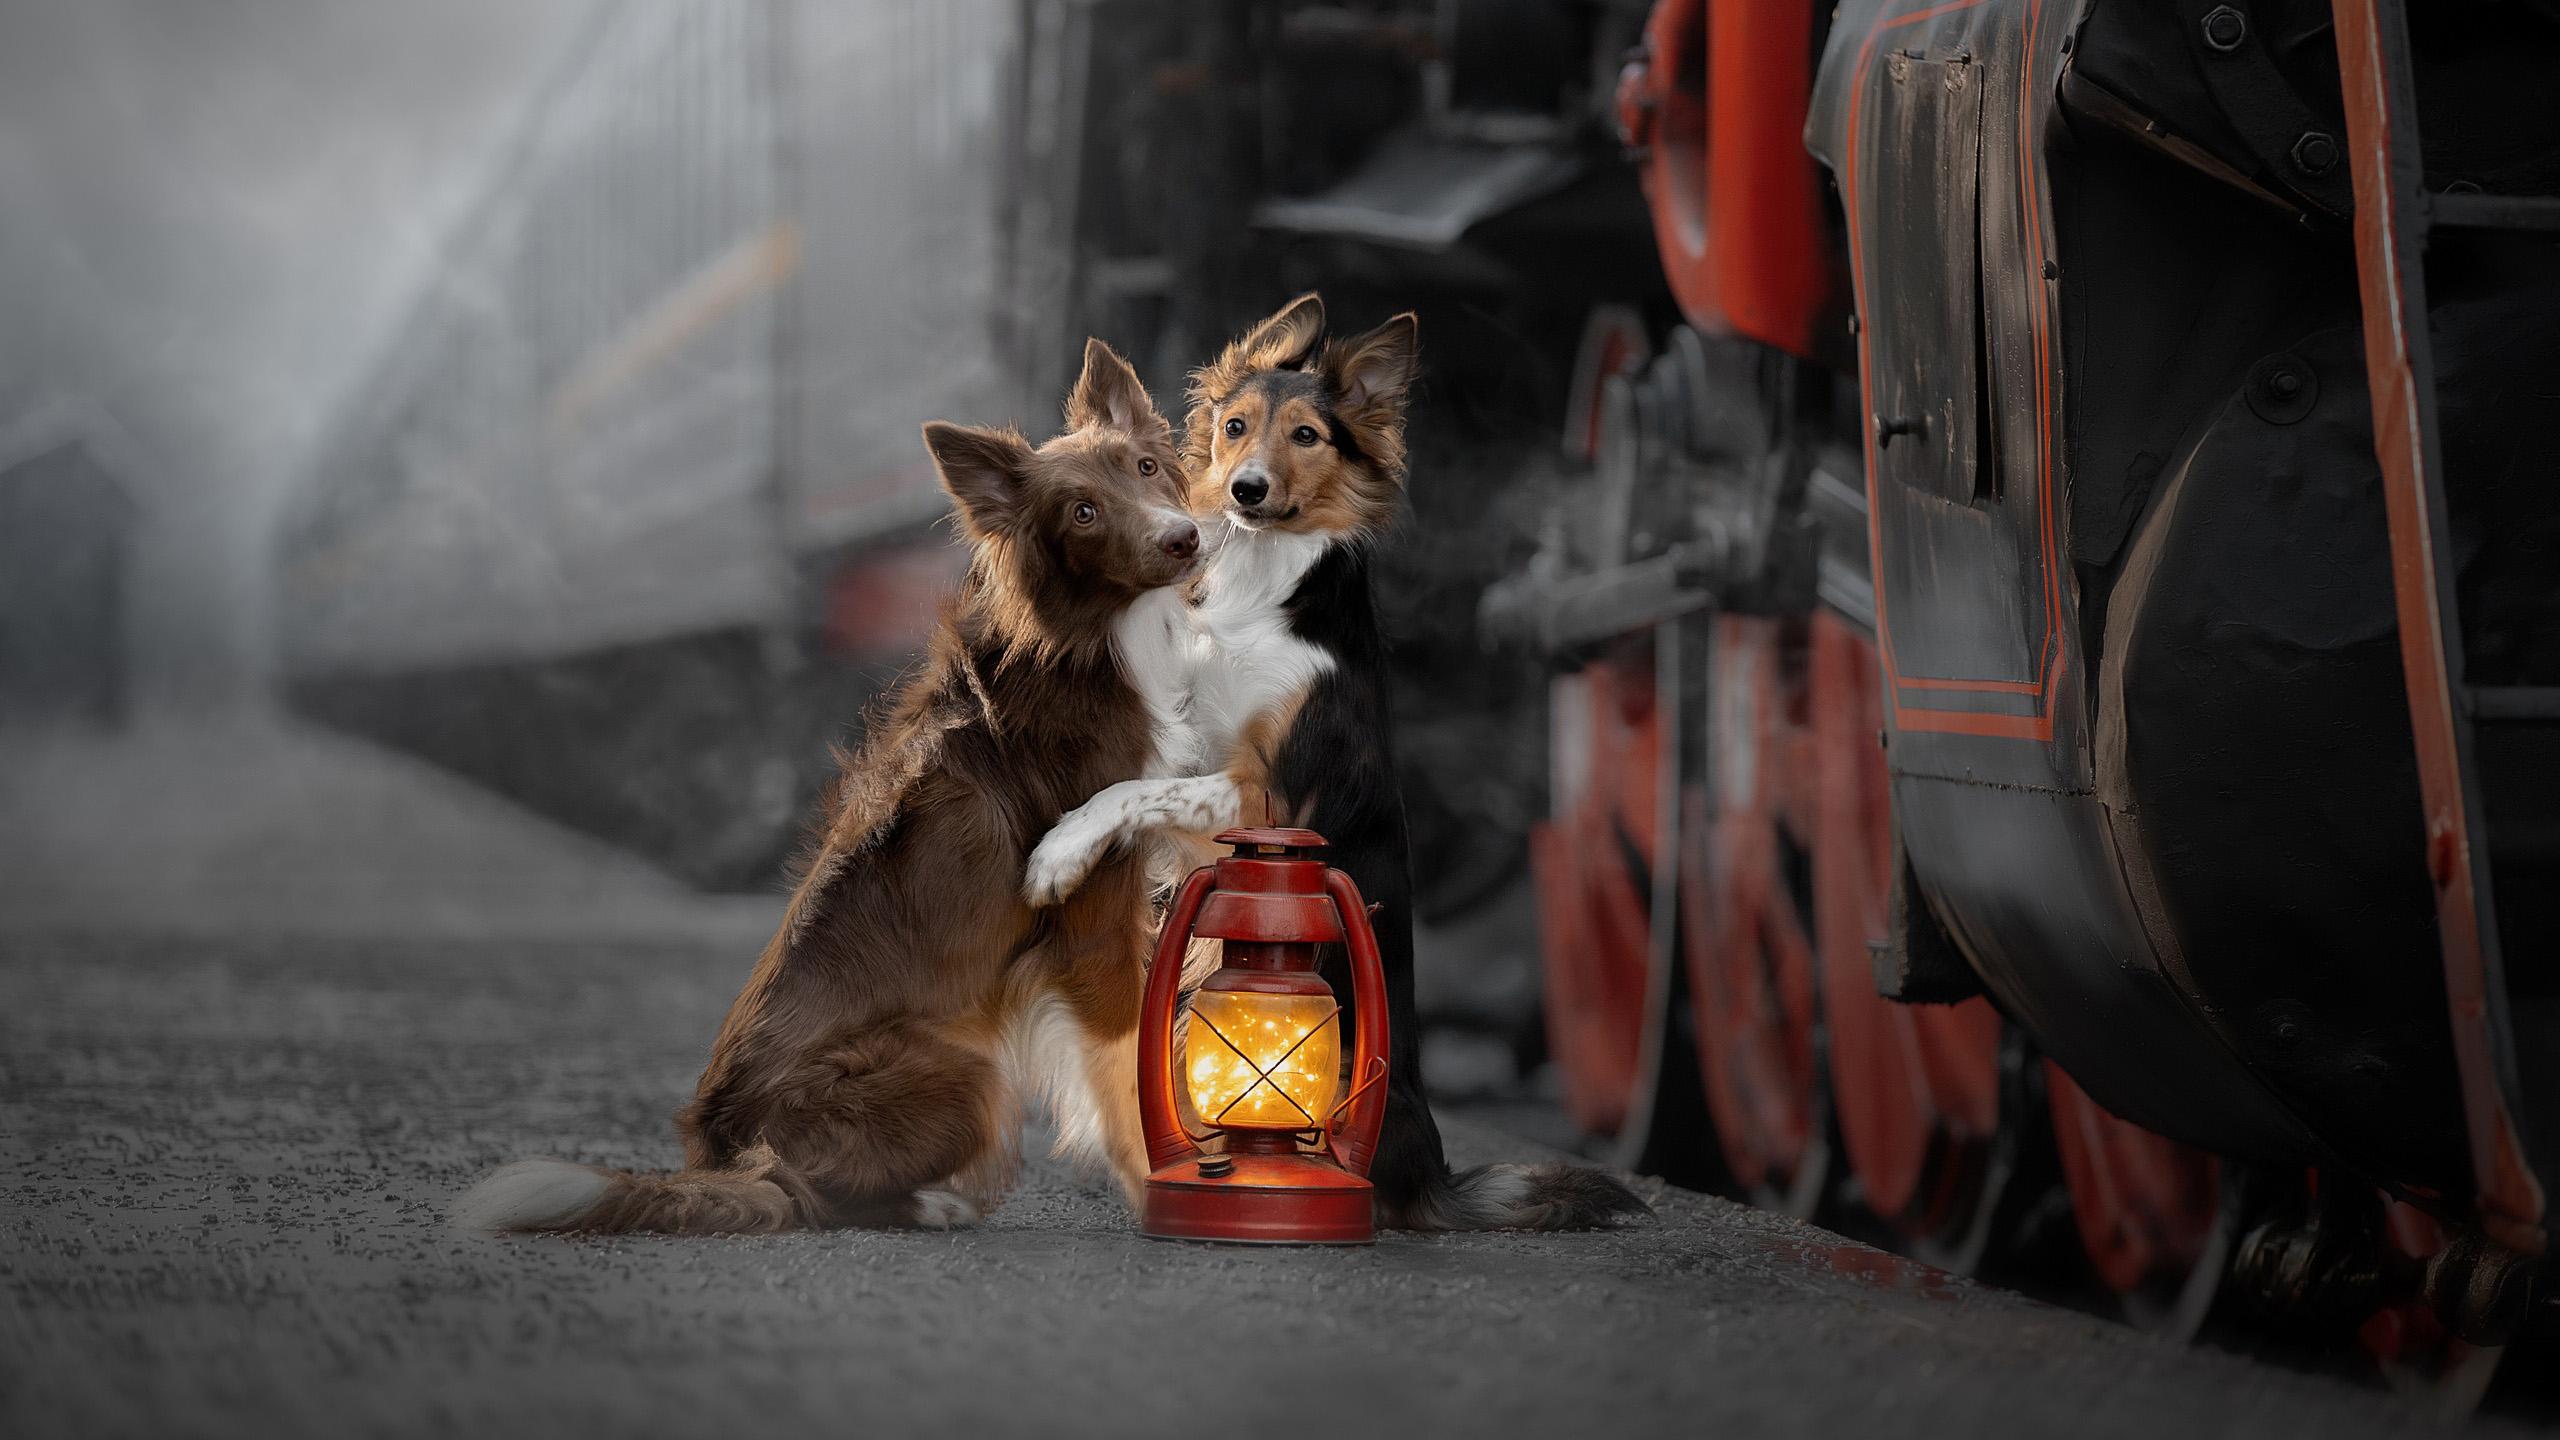 萌宠动物,汪星人,煤油灯,火车,取暖,两只狗狗